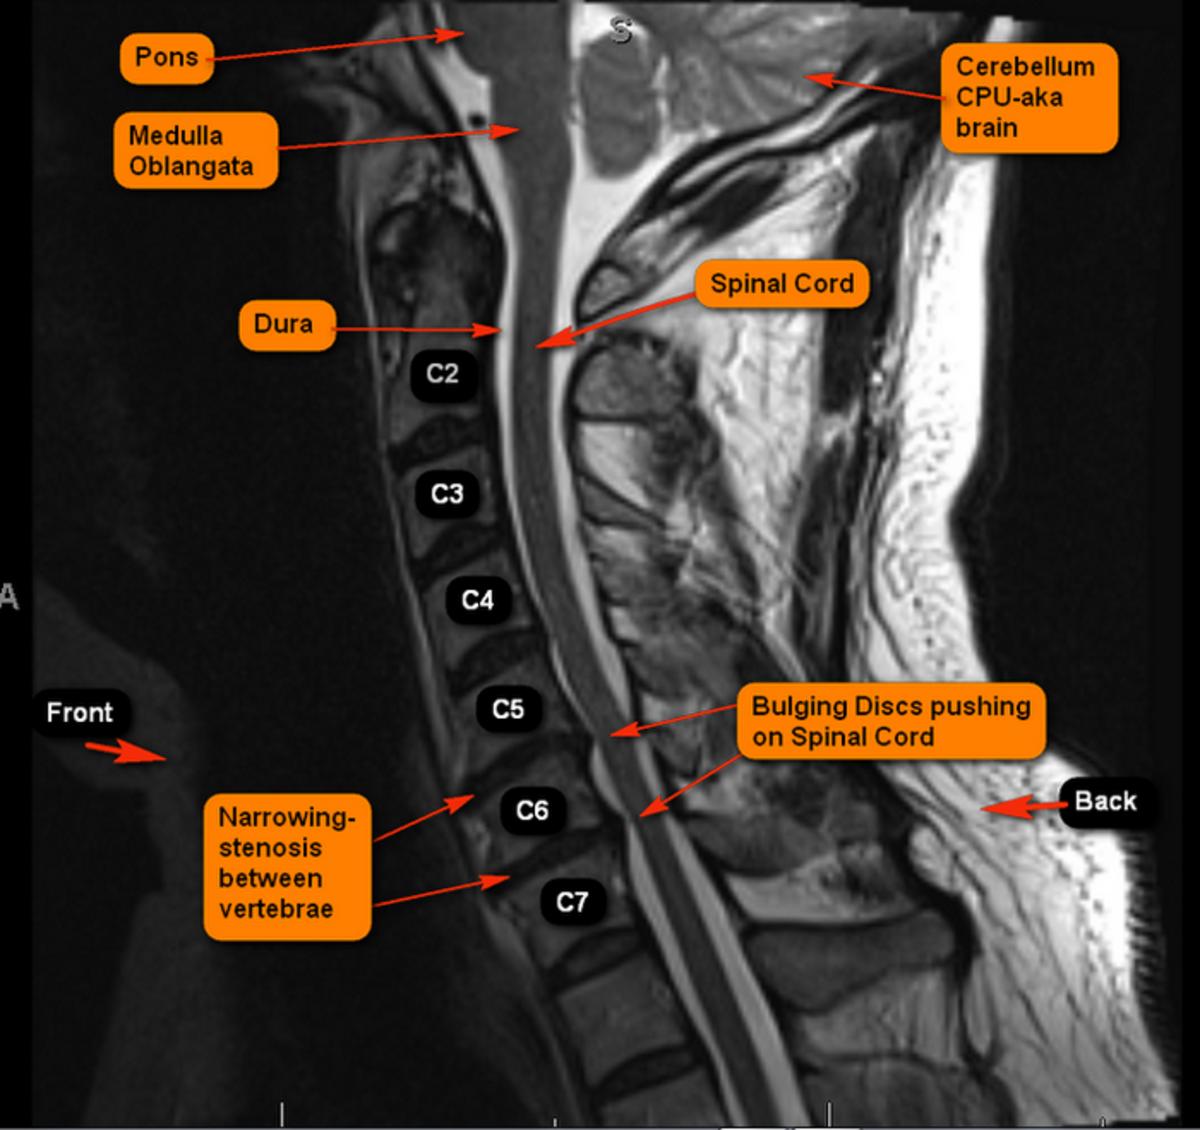 MRI Showing Spinal Landmarks, Narrowing, and Bulging of the Vertebrae